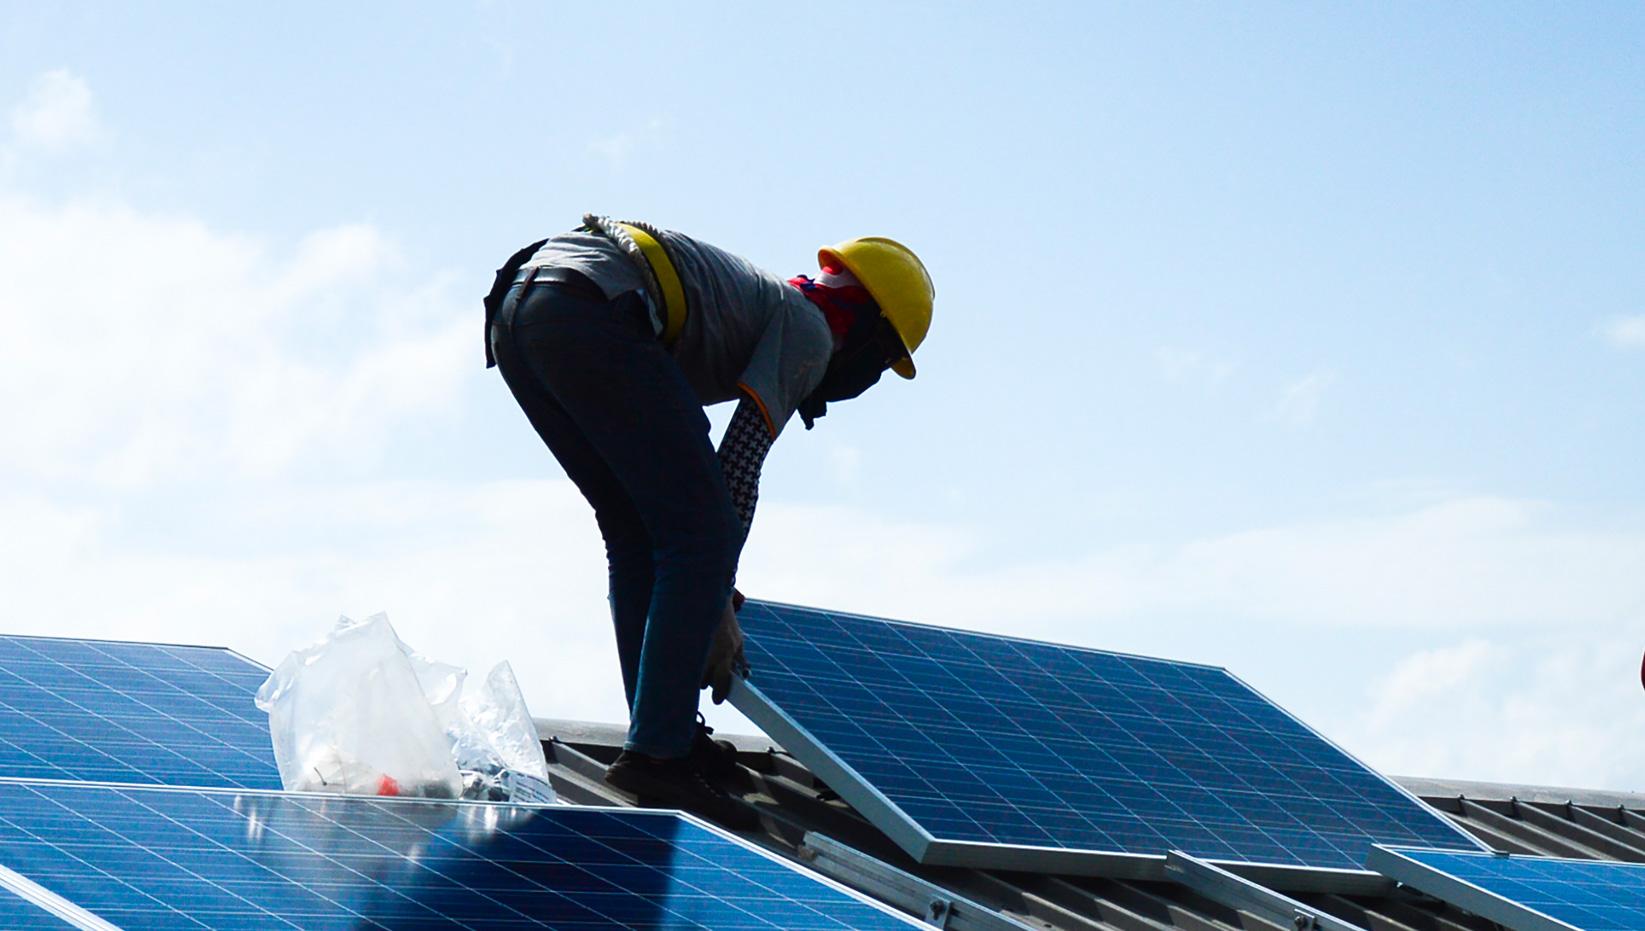 Sì al superbonus per l'ampliamento di impianti fotovoltaici già esistenti